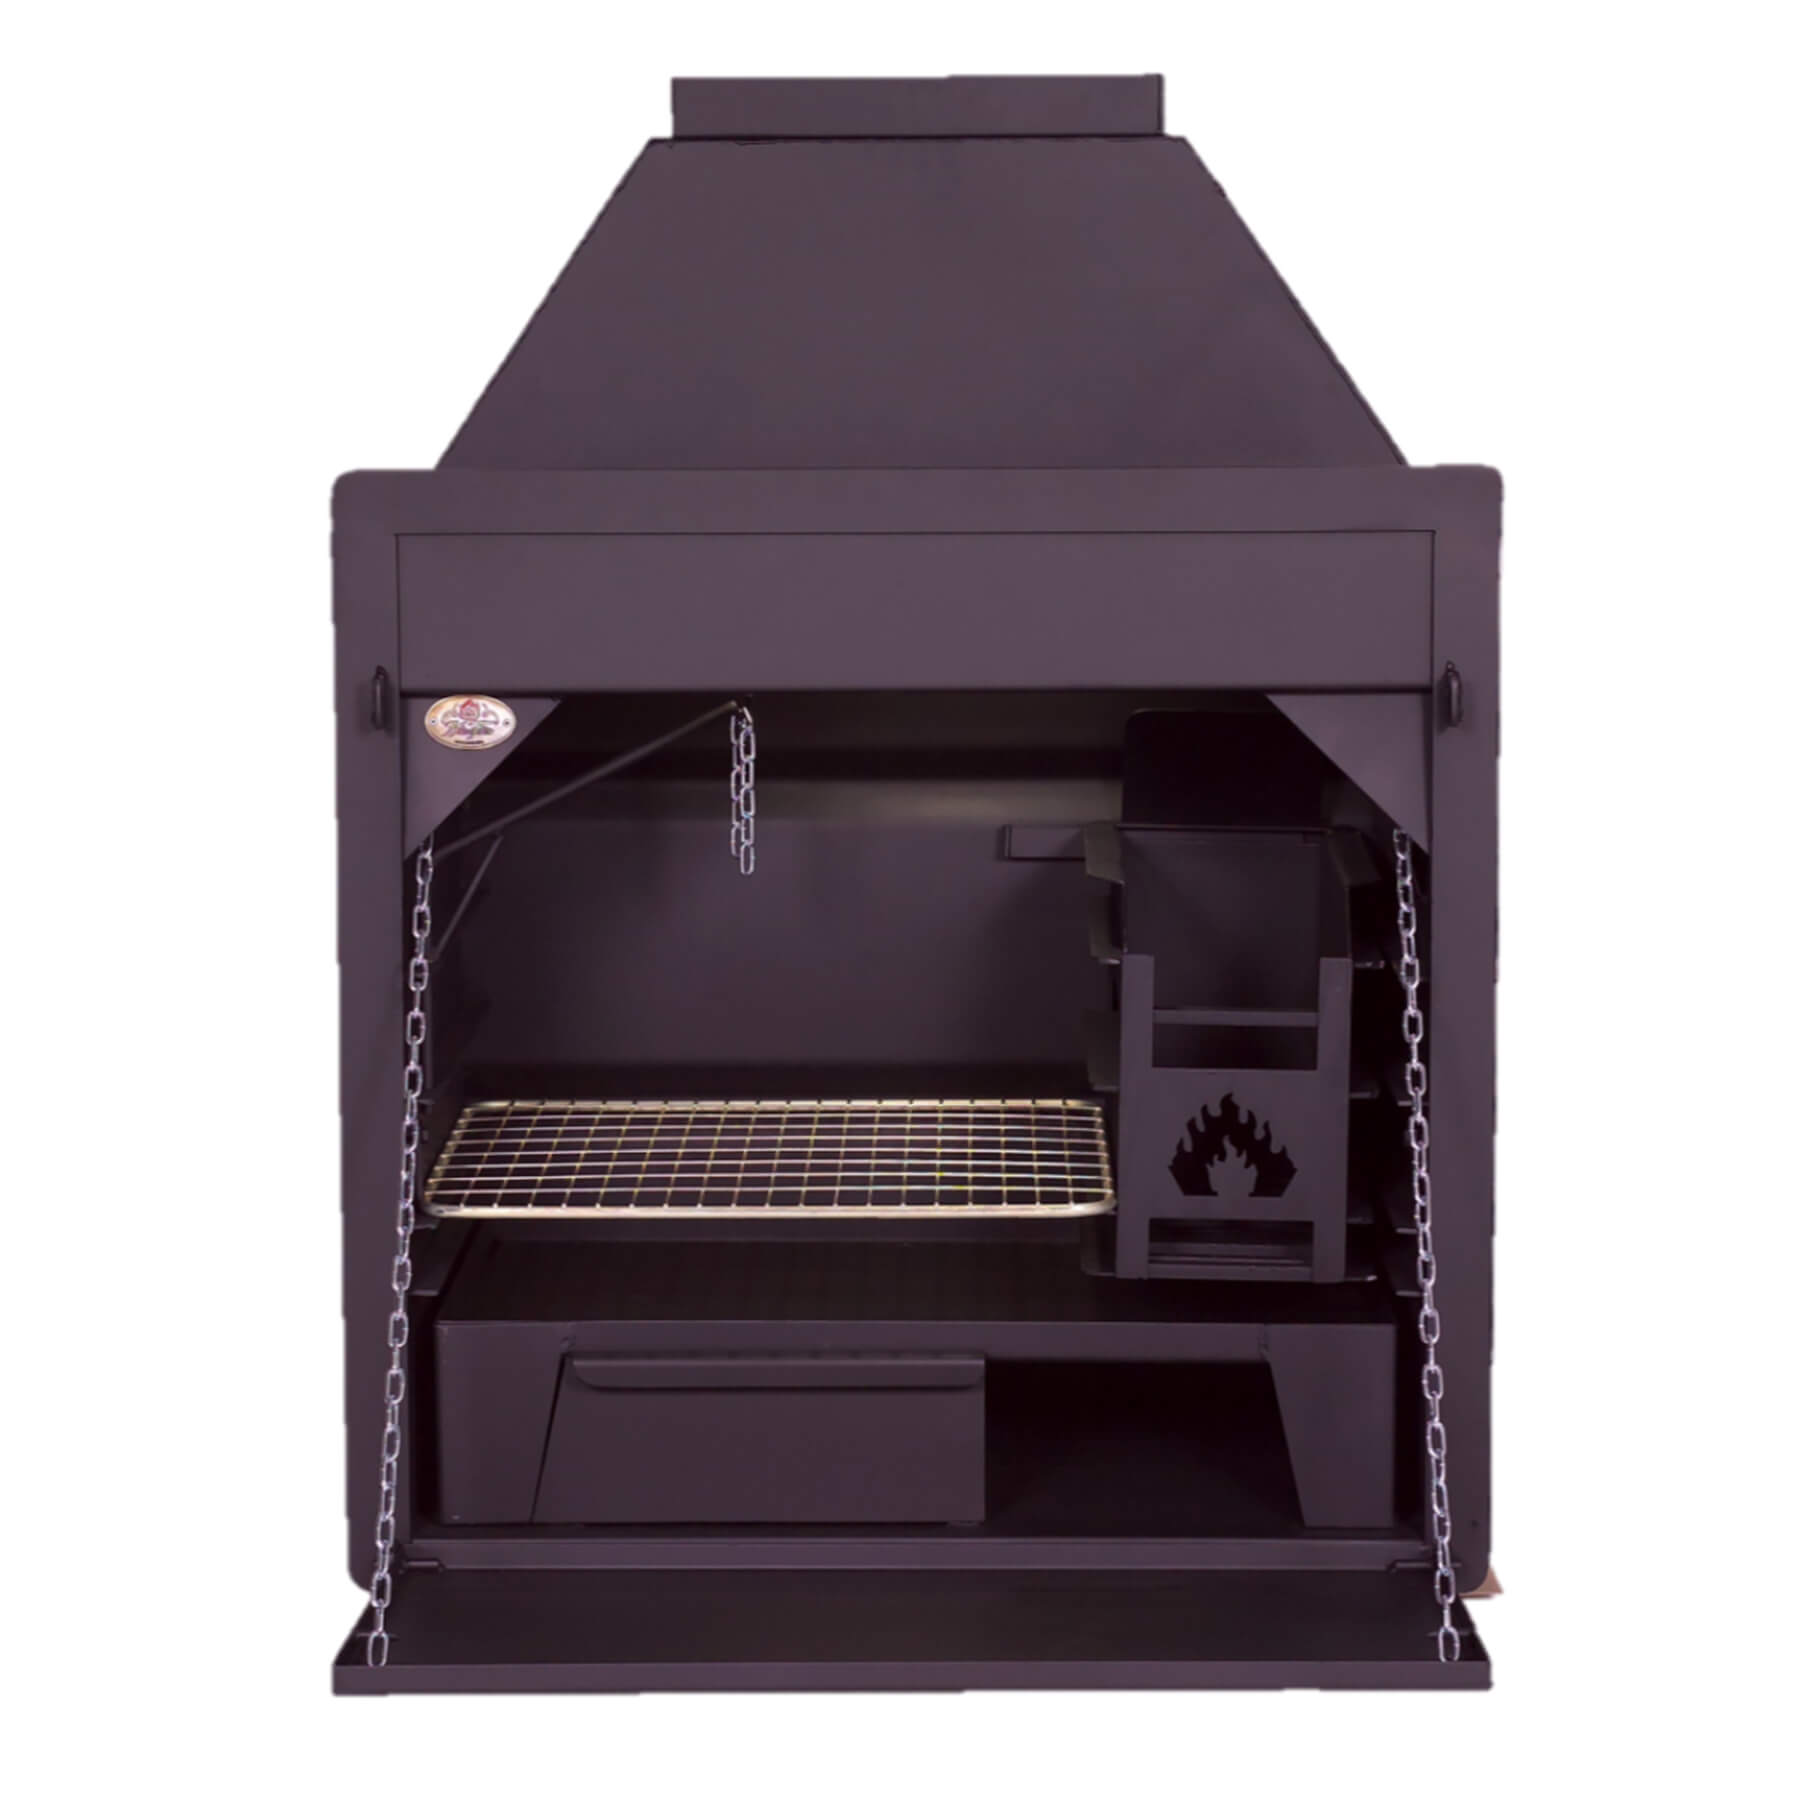 Home-Fires-Braais-Built-In-800-De-Lux